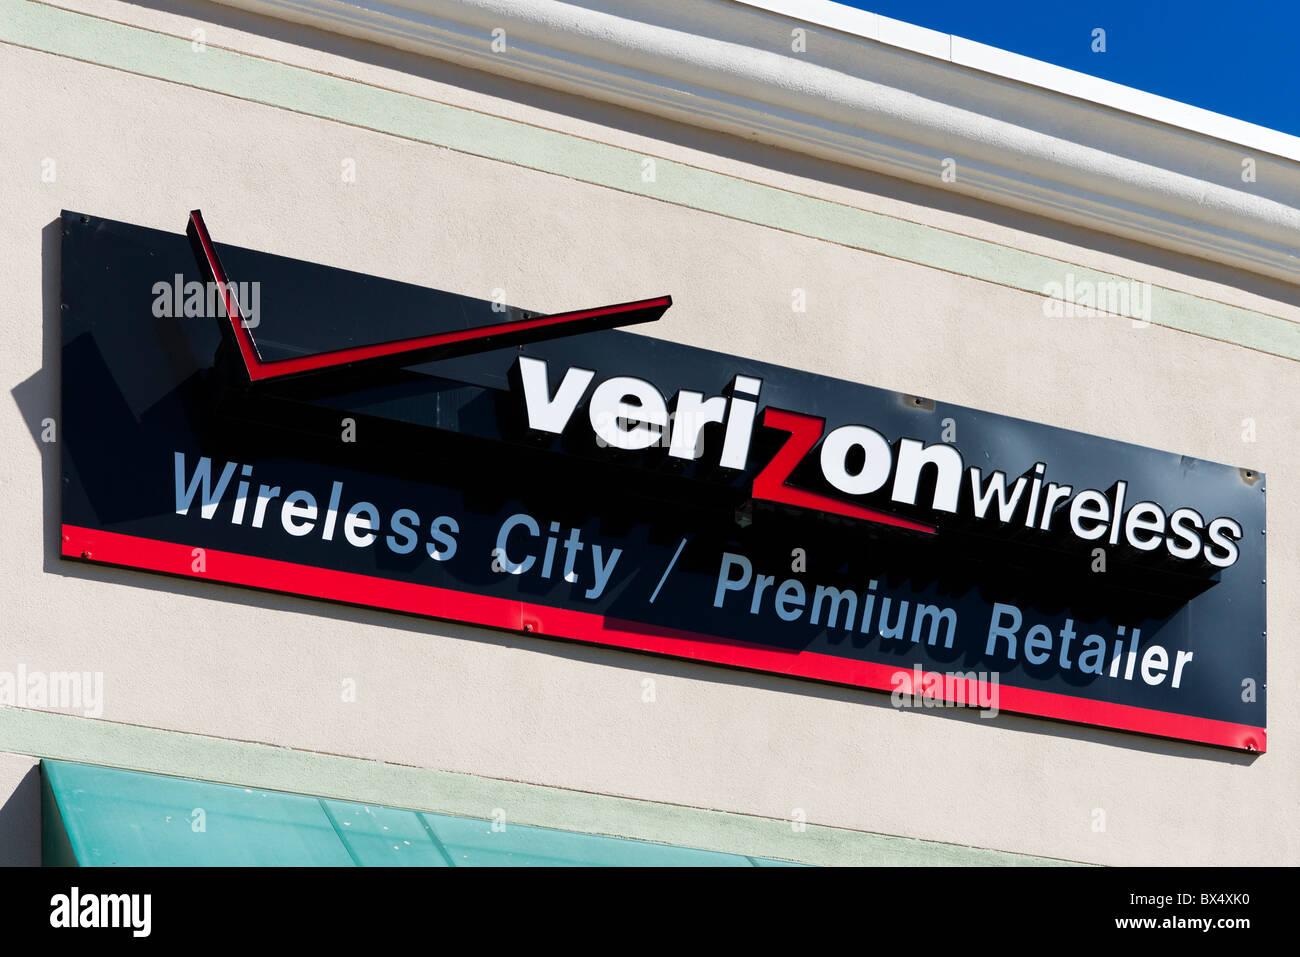 Un Verizon Wireless apple store vicino al Eagle Ridge Mall, il lago del Galles, Central Florida, Stati Uniti d'America Immagini Stock